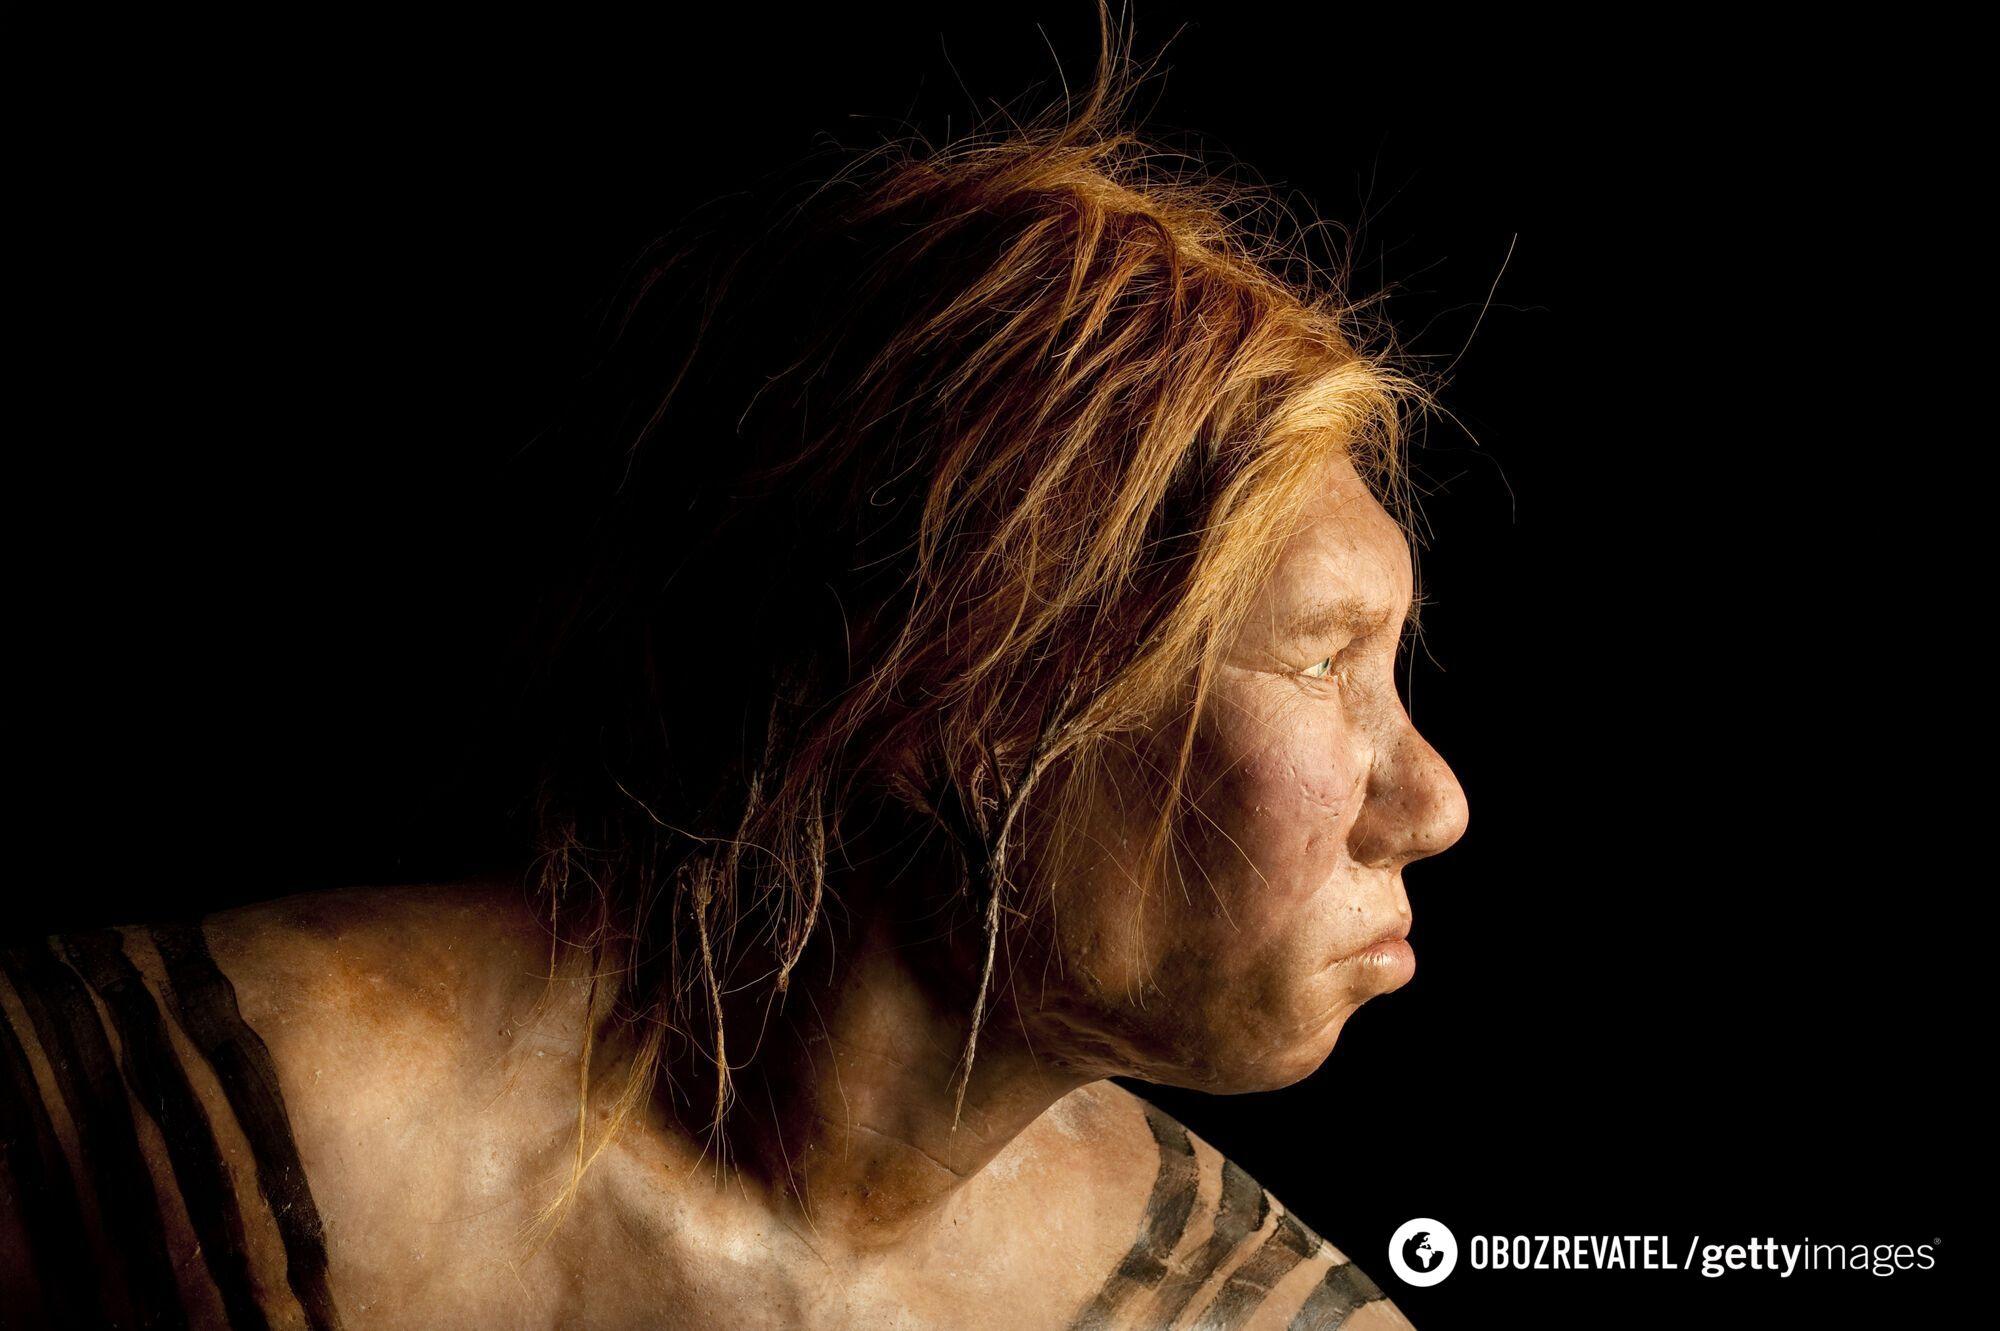 Неандерталец женского пола, реконструкция